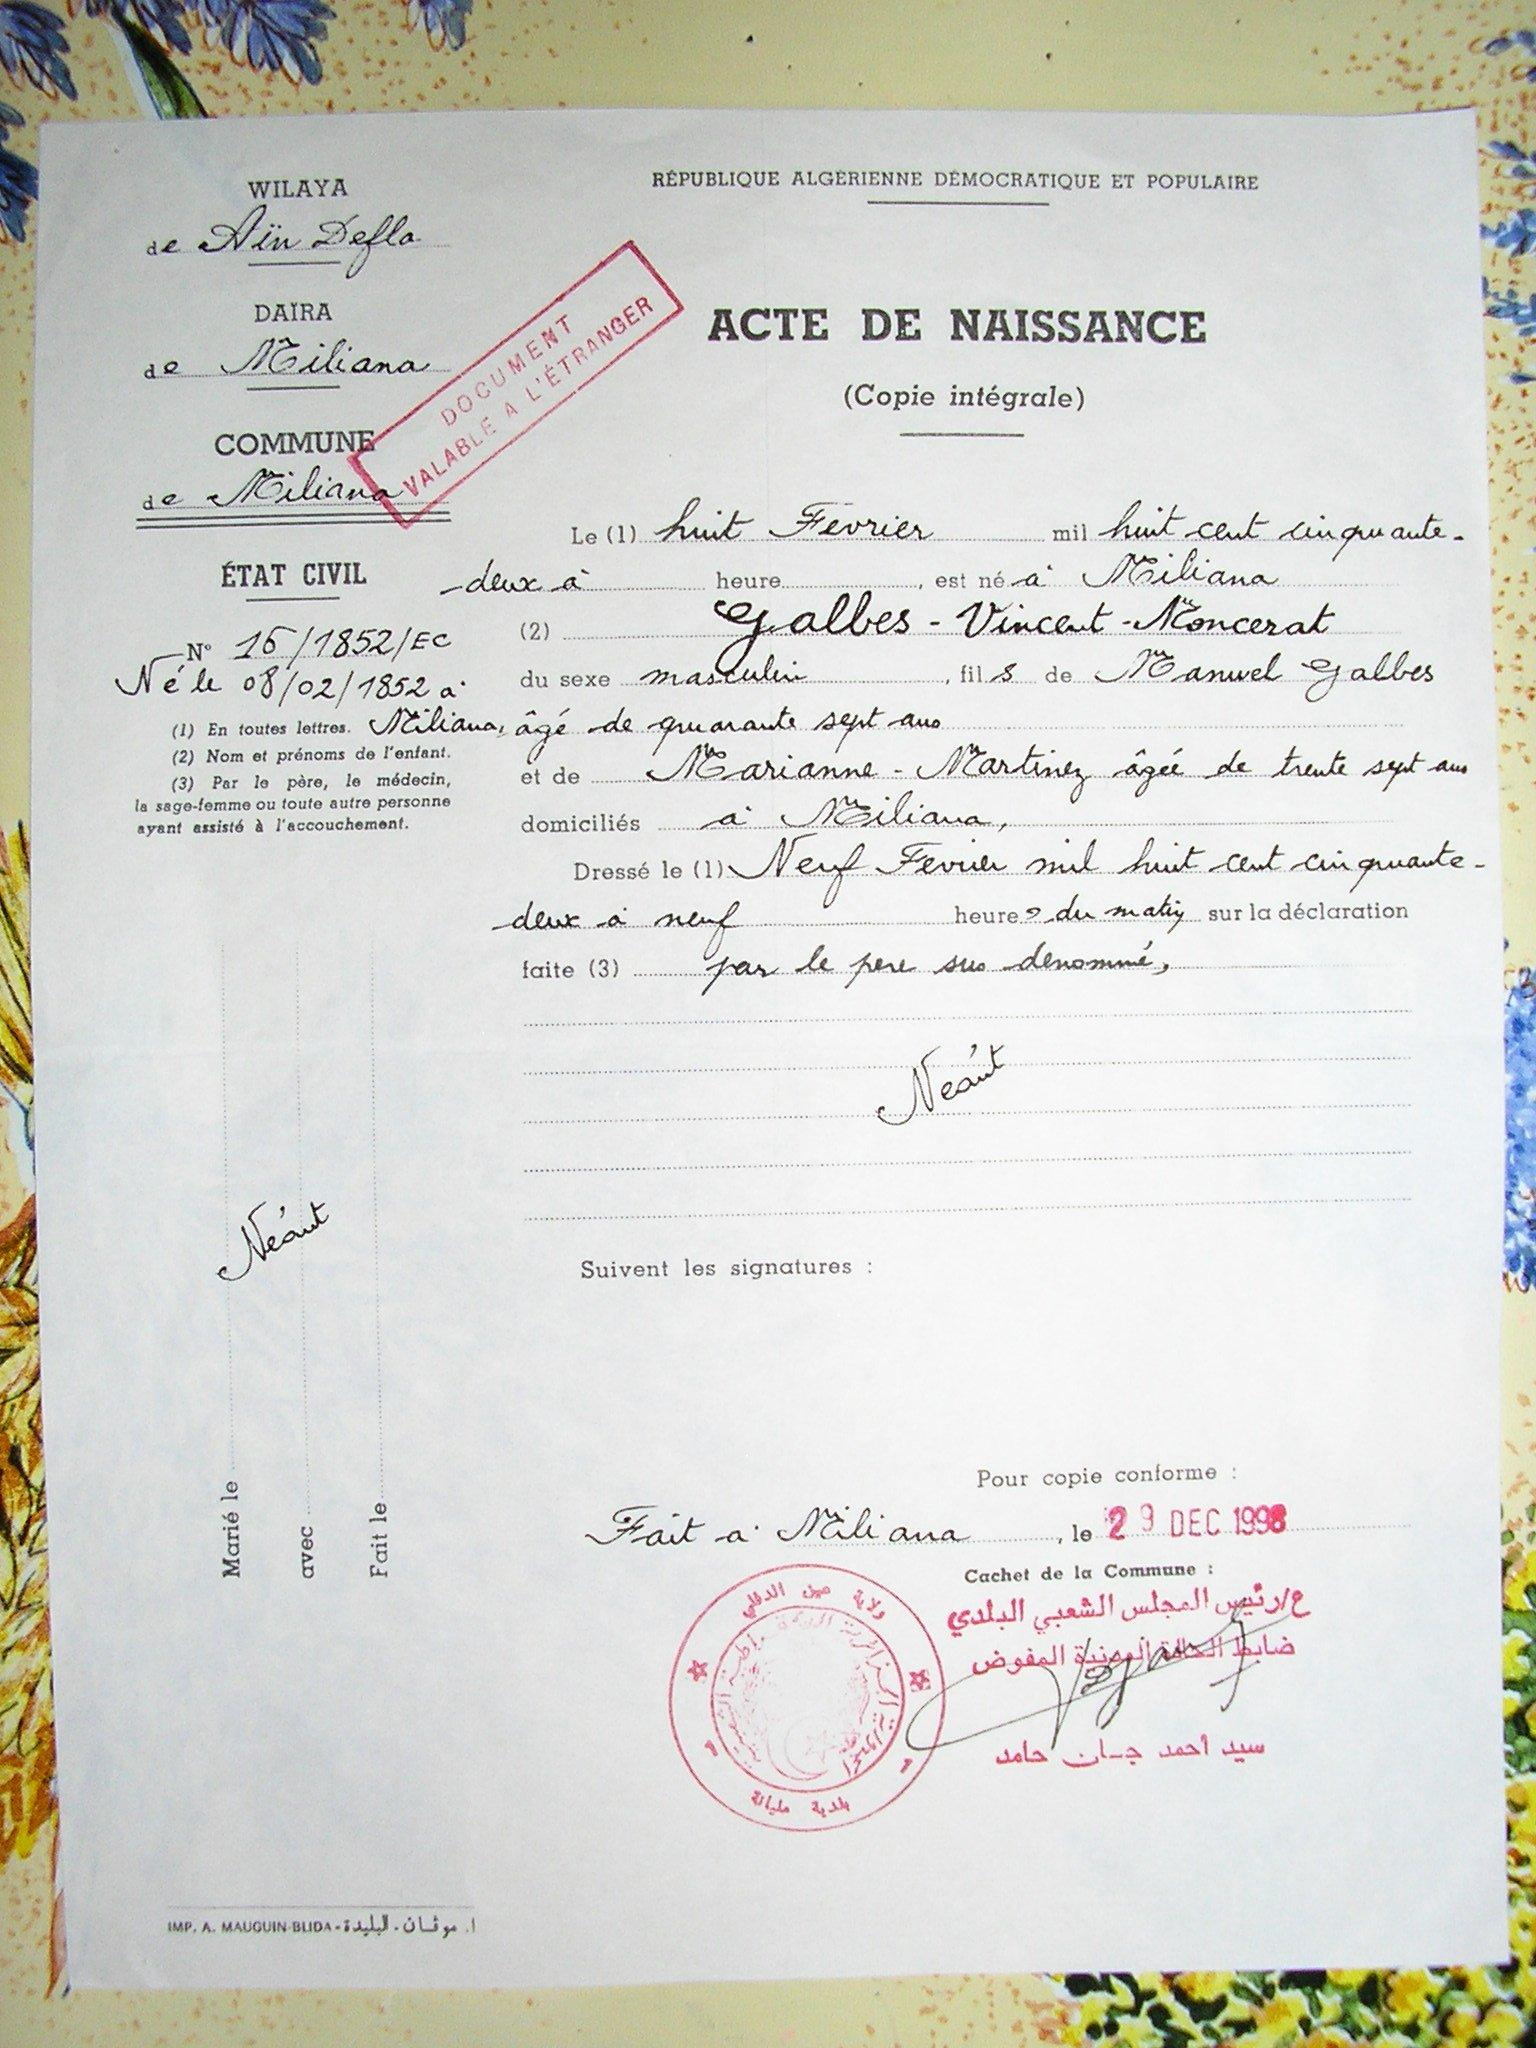 heureusement lacte de naissance ci dessous du baptis ne comporte aucune erreur - Transcription Acte De Mariage Franco Algrien